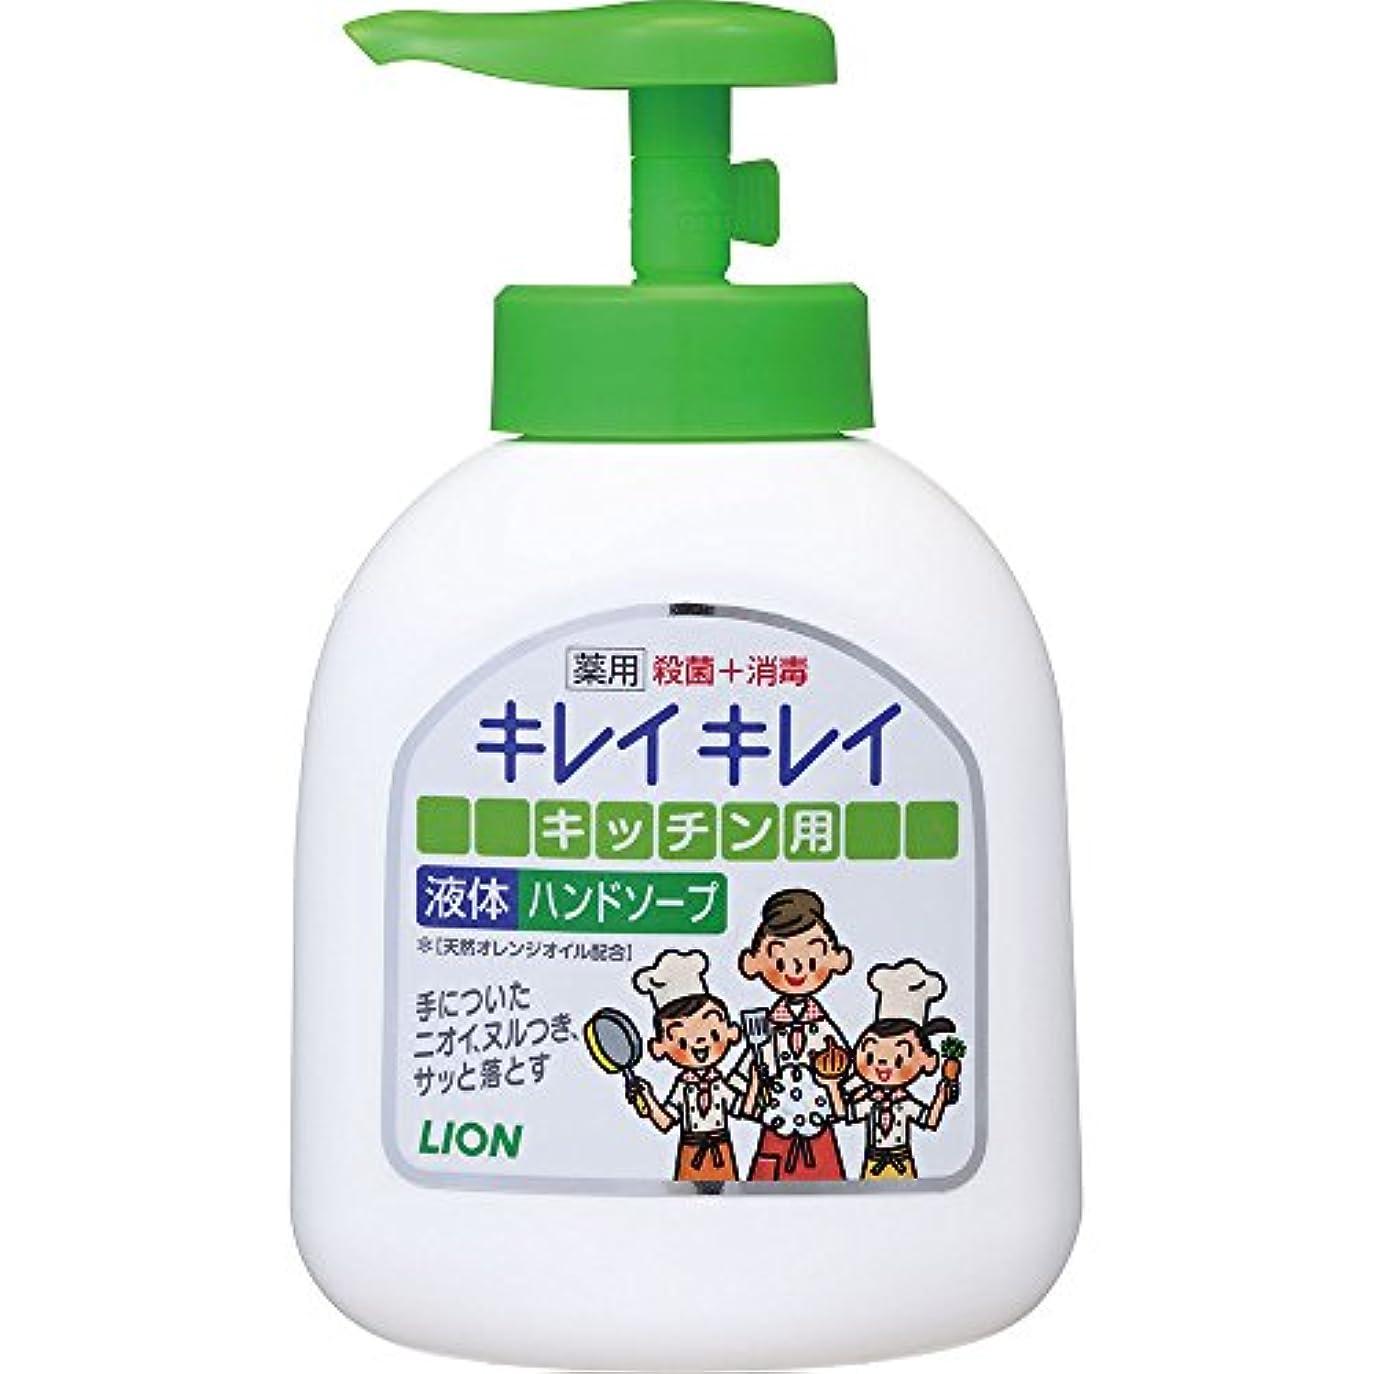 ながら色スラムキレイキレイ 薬用 キッチンハンドソープ 本体ポンプ 250ml (医薬部外品)